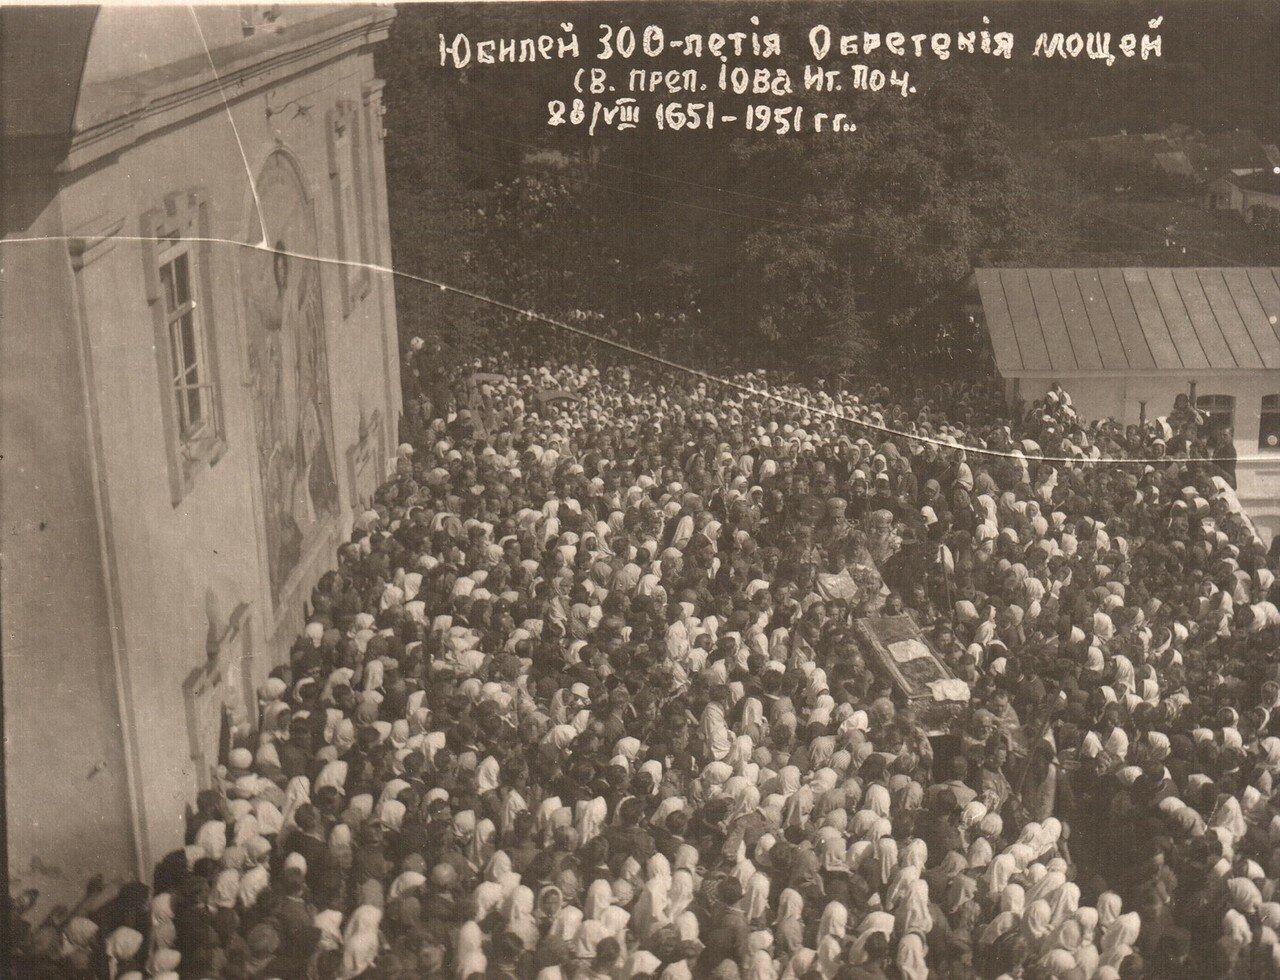 1951. Юбилей 300-летия Обретения мощей пр. Иова